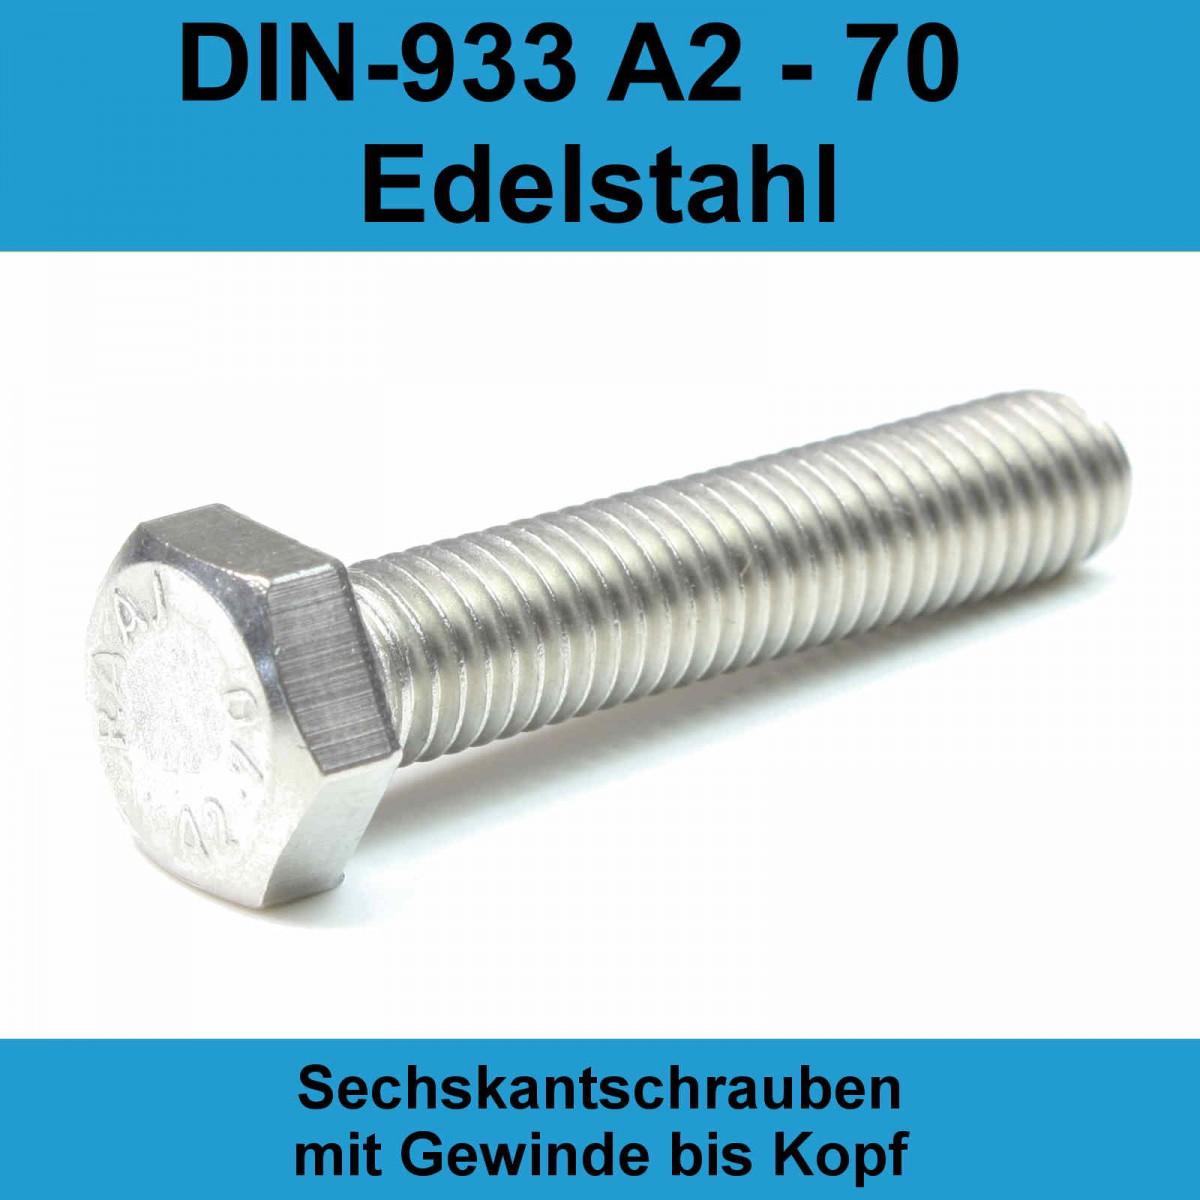 Edelstahl A2 - Sechskant-Schrauben V2A DIN 933 - Maschinenschrauben mit Vollgewinde M6x25 D/´s Items/® 20 St/ück Sechskantschrauben Gewindeschrauben